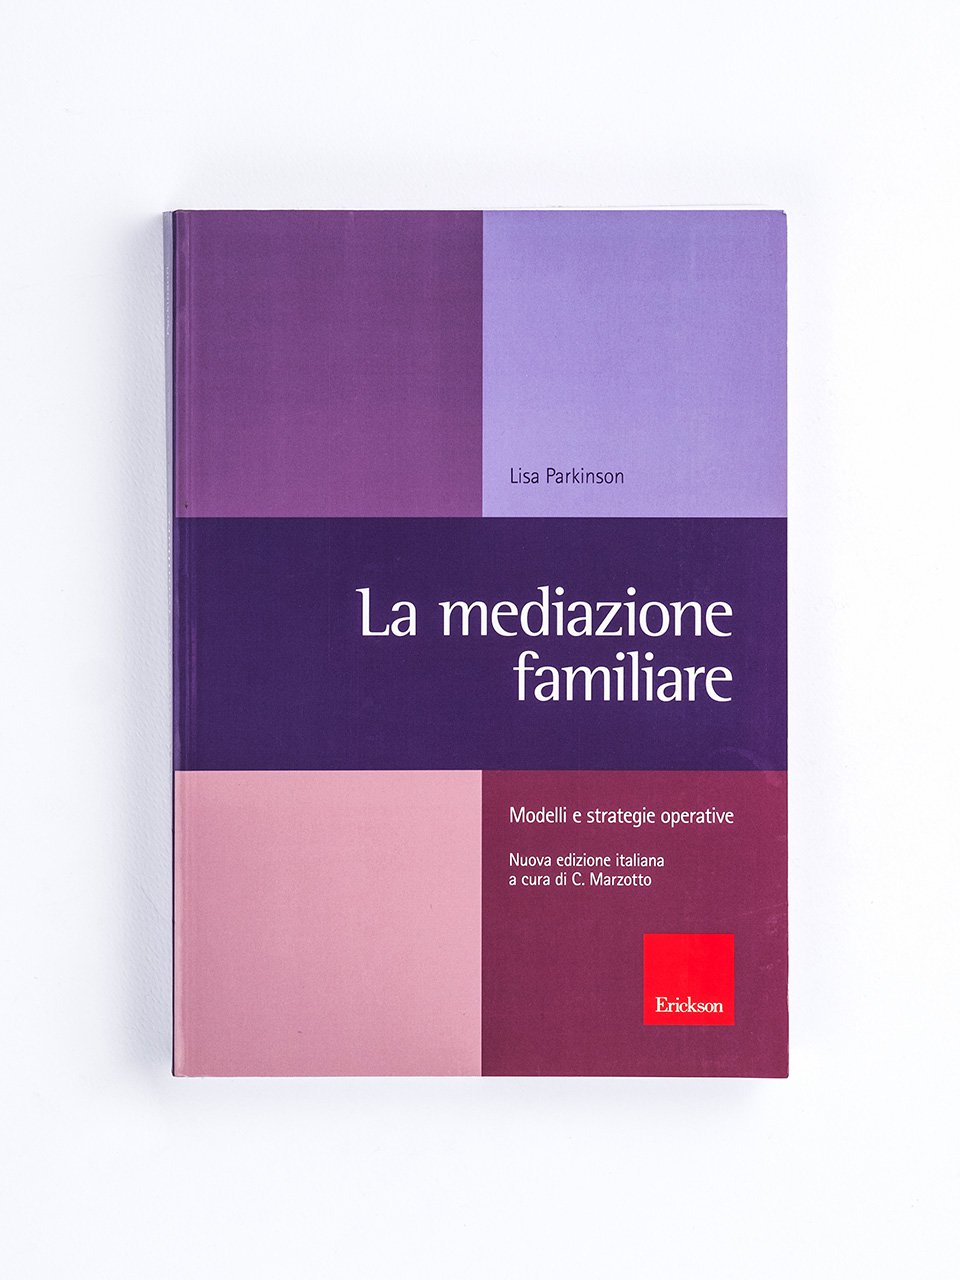 La mediazione familiare - Una badante in famiglia - Libri - Erickson